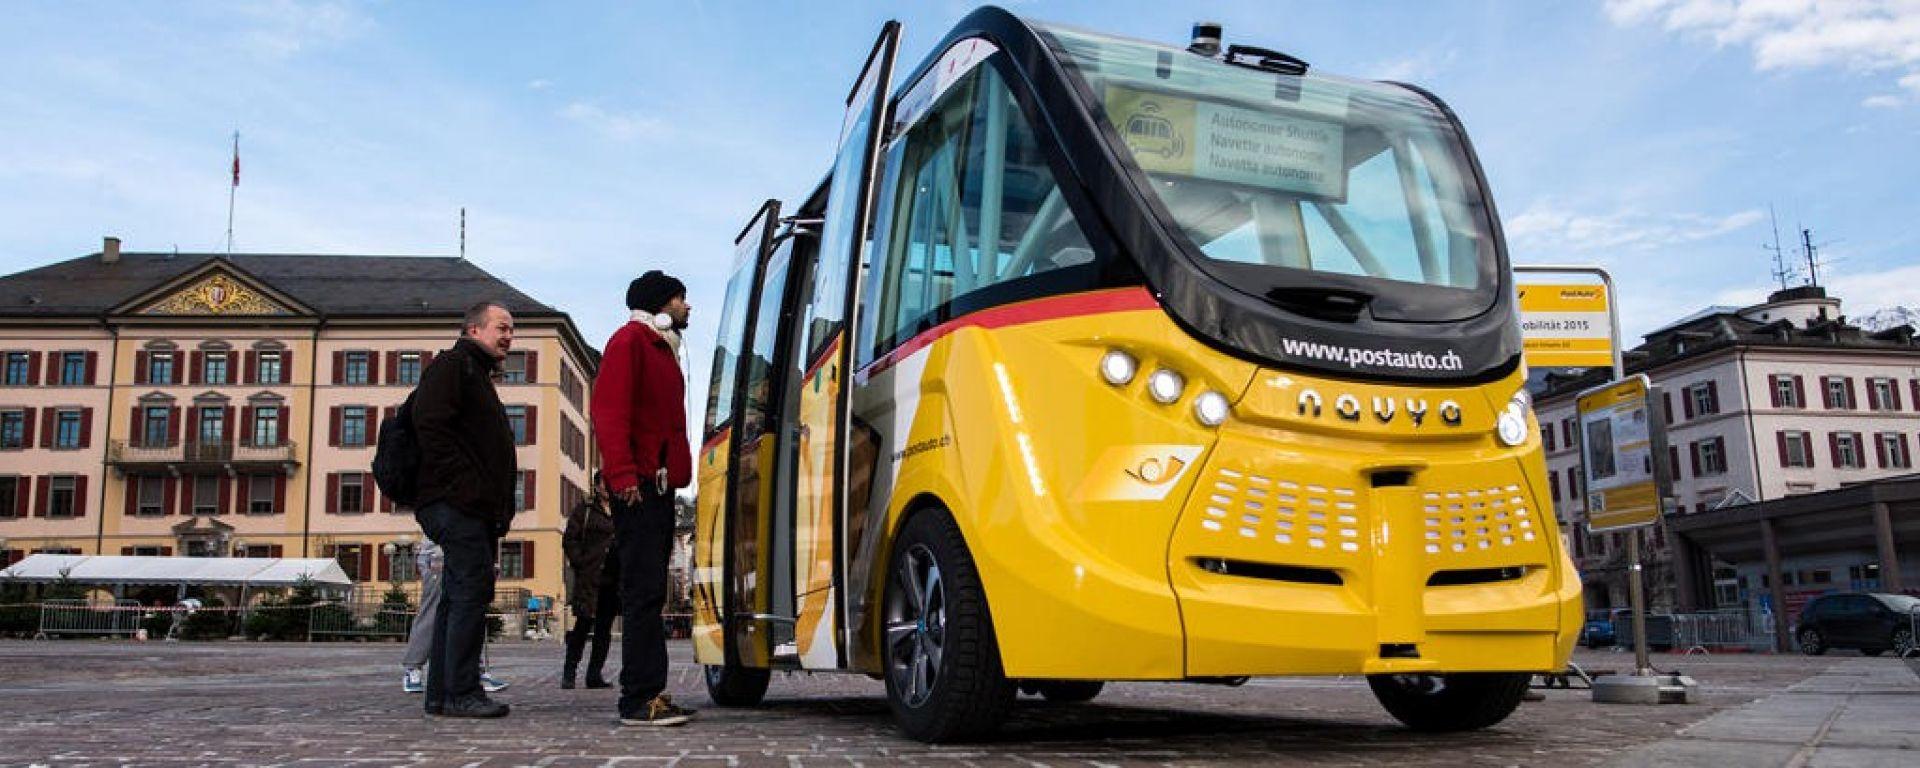 I bus a guida autonoma di Auto Postale in servizio a Sion